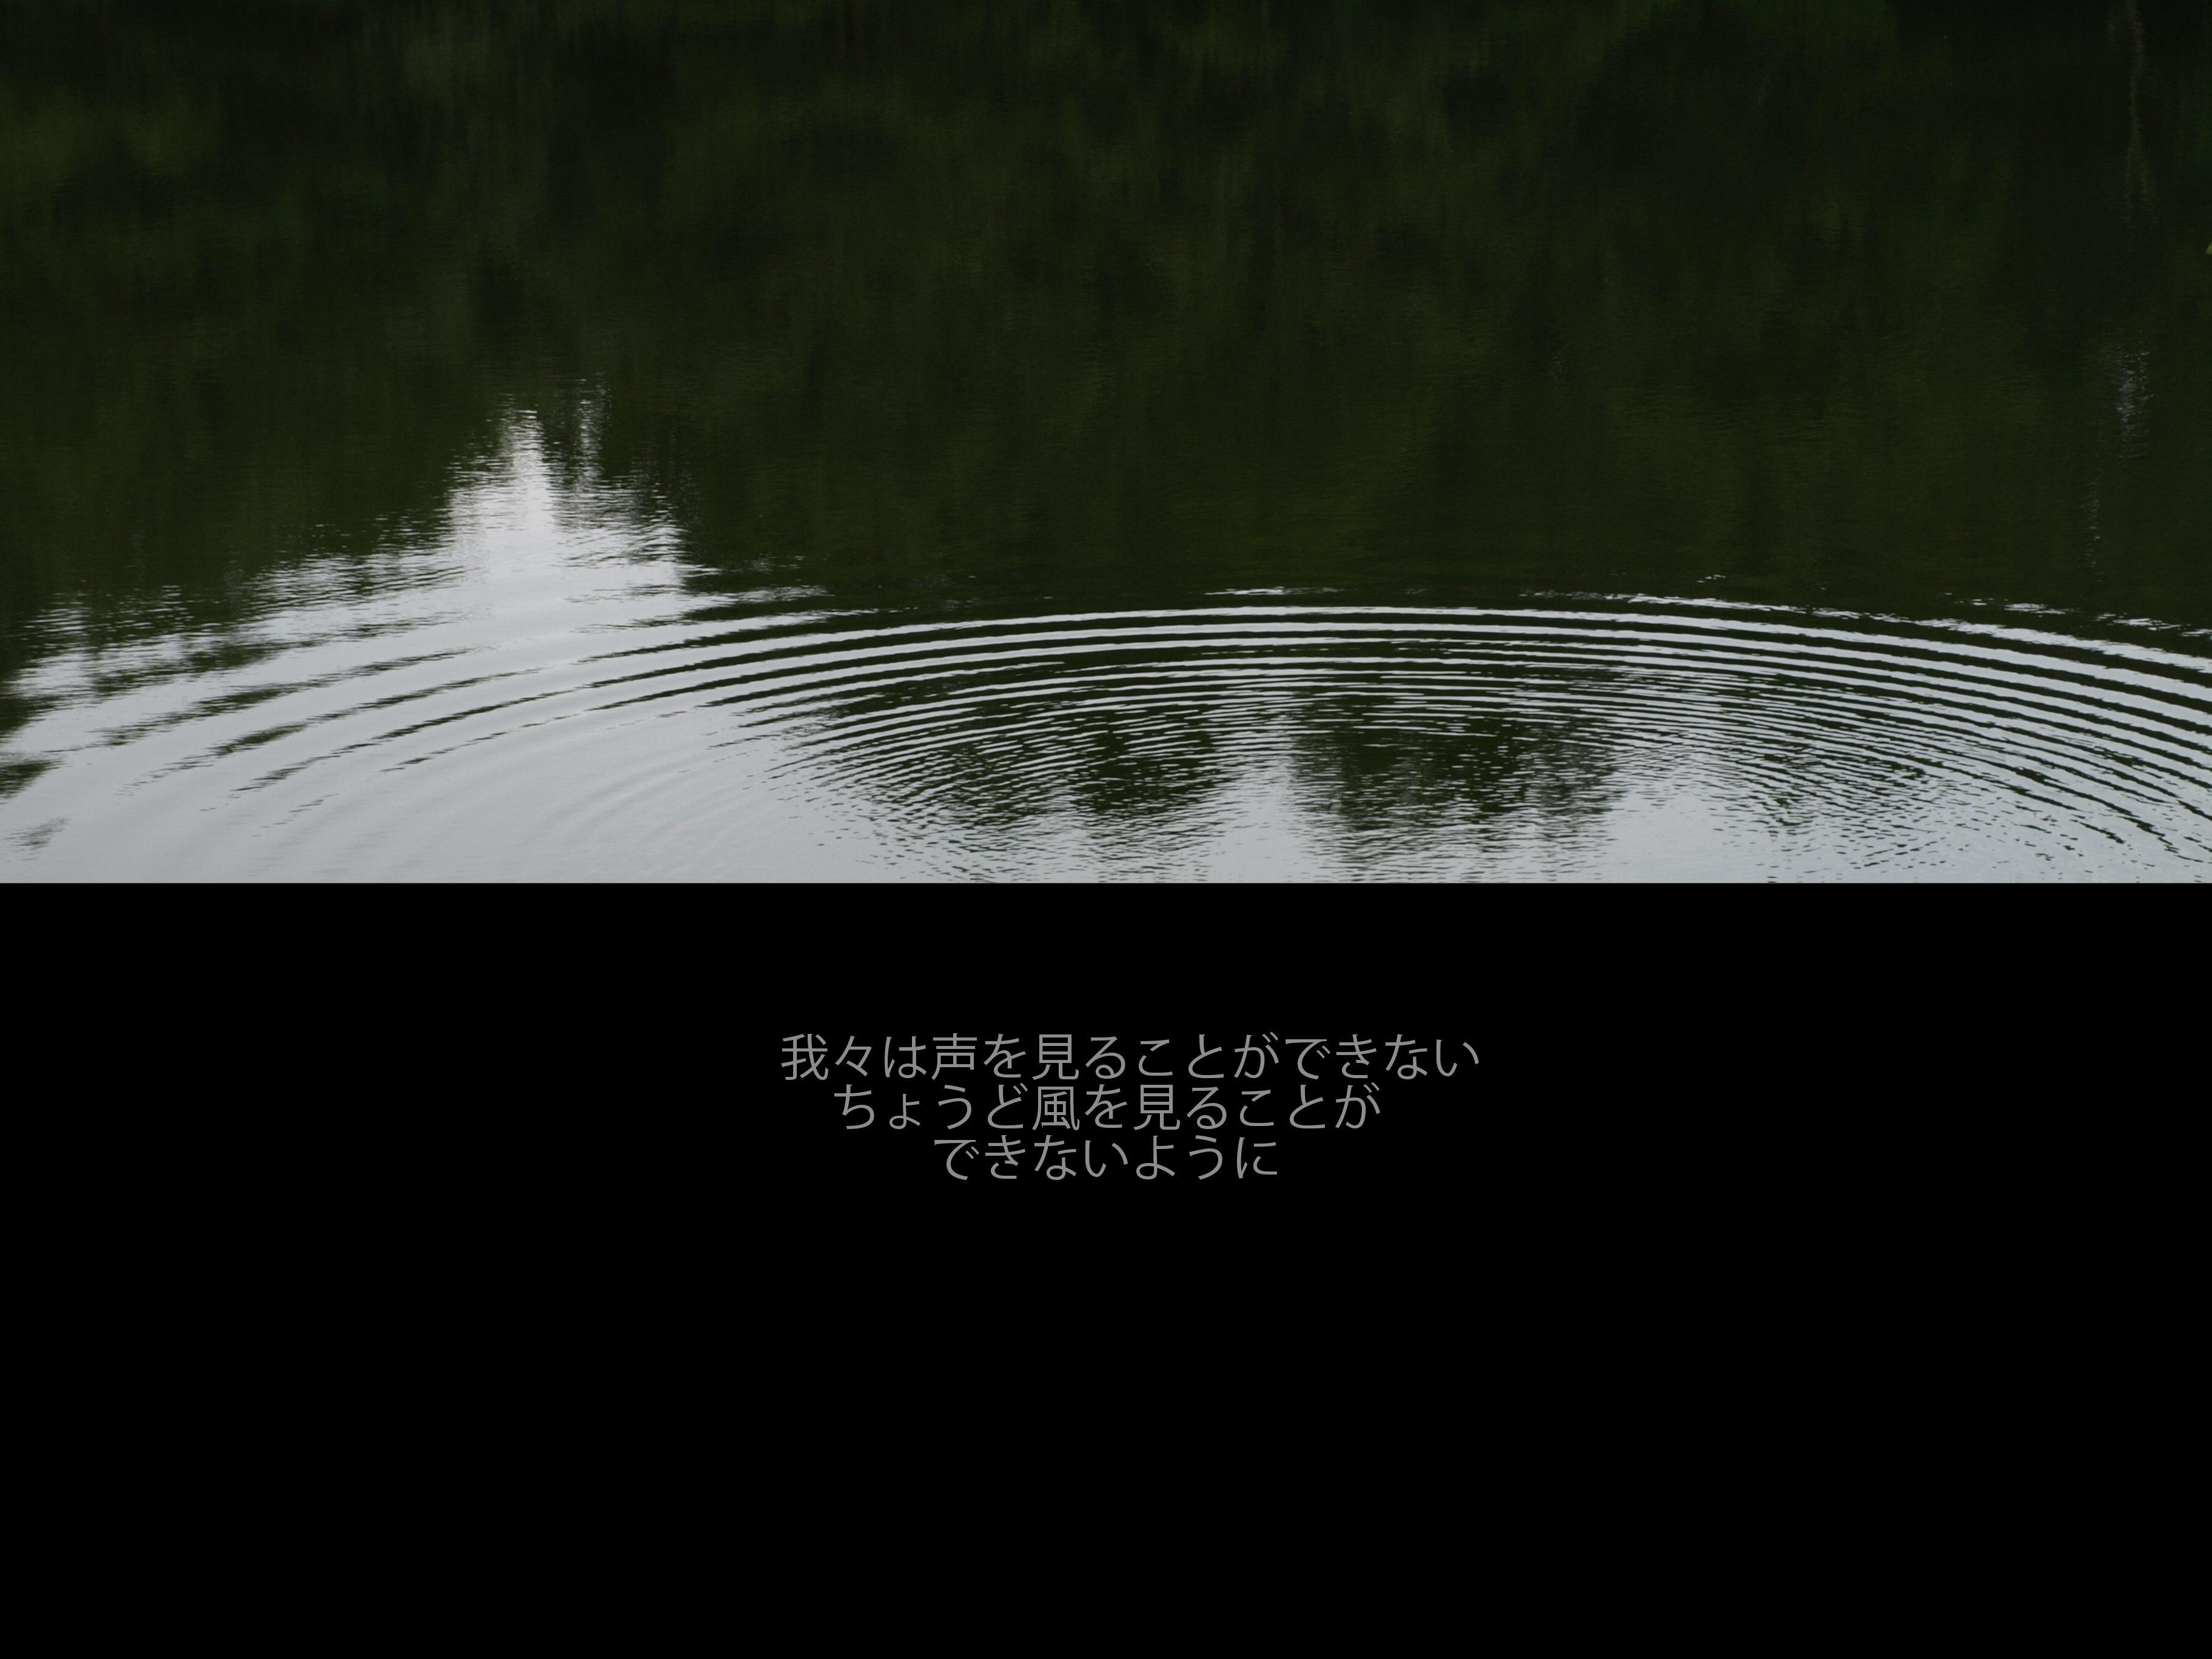 波紋2.jpeg